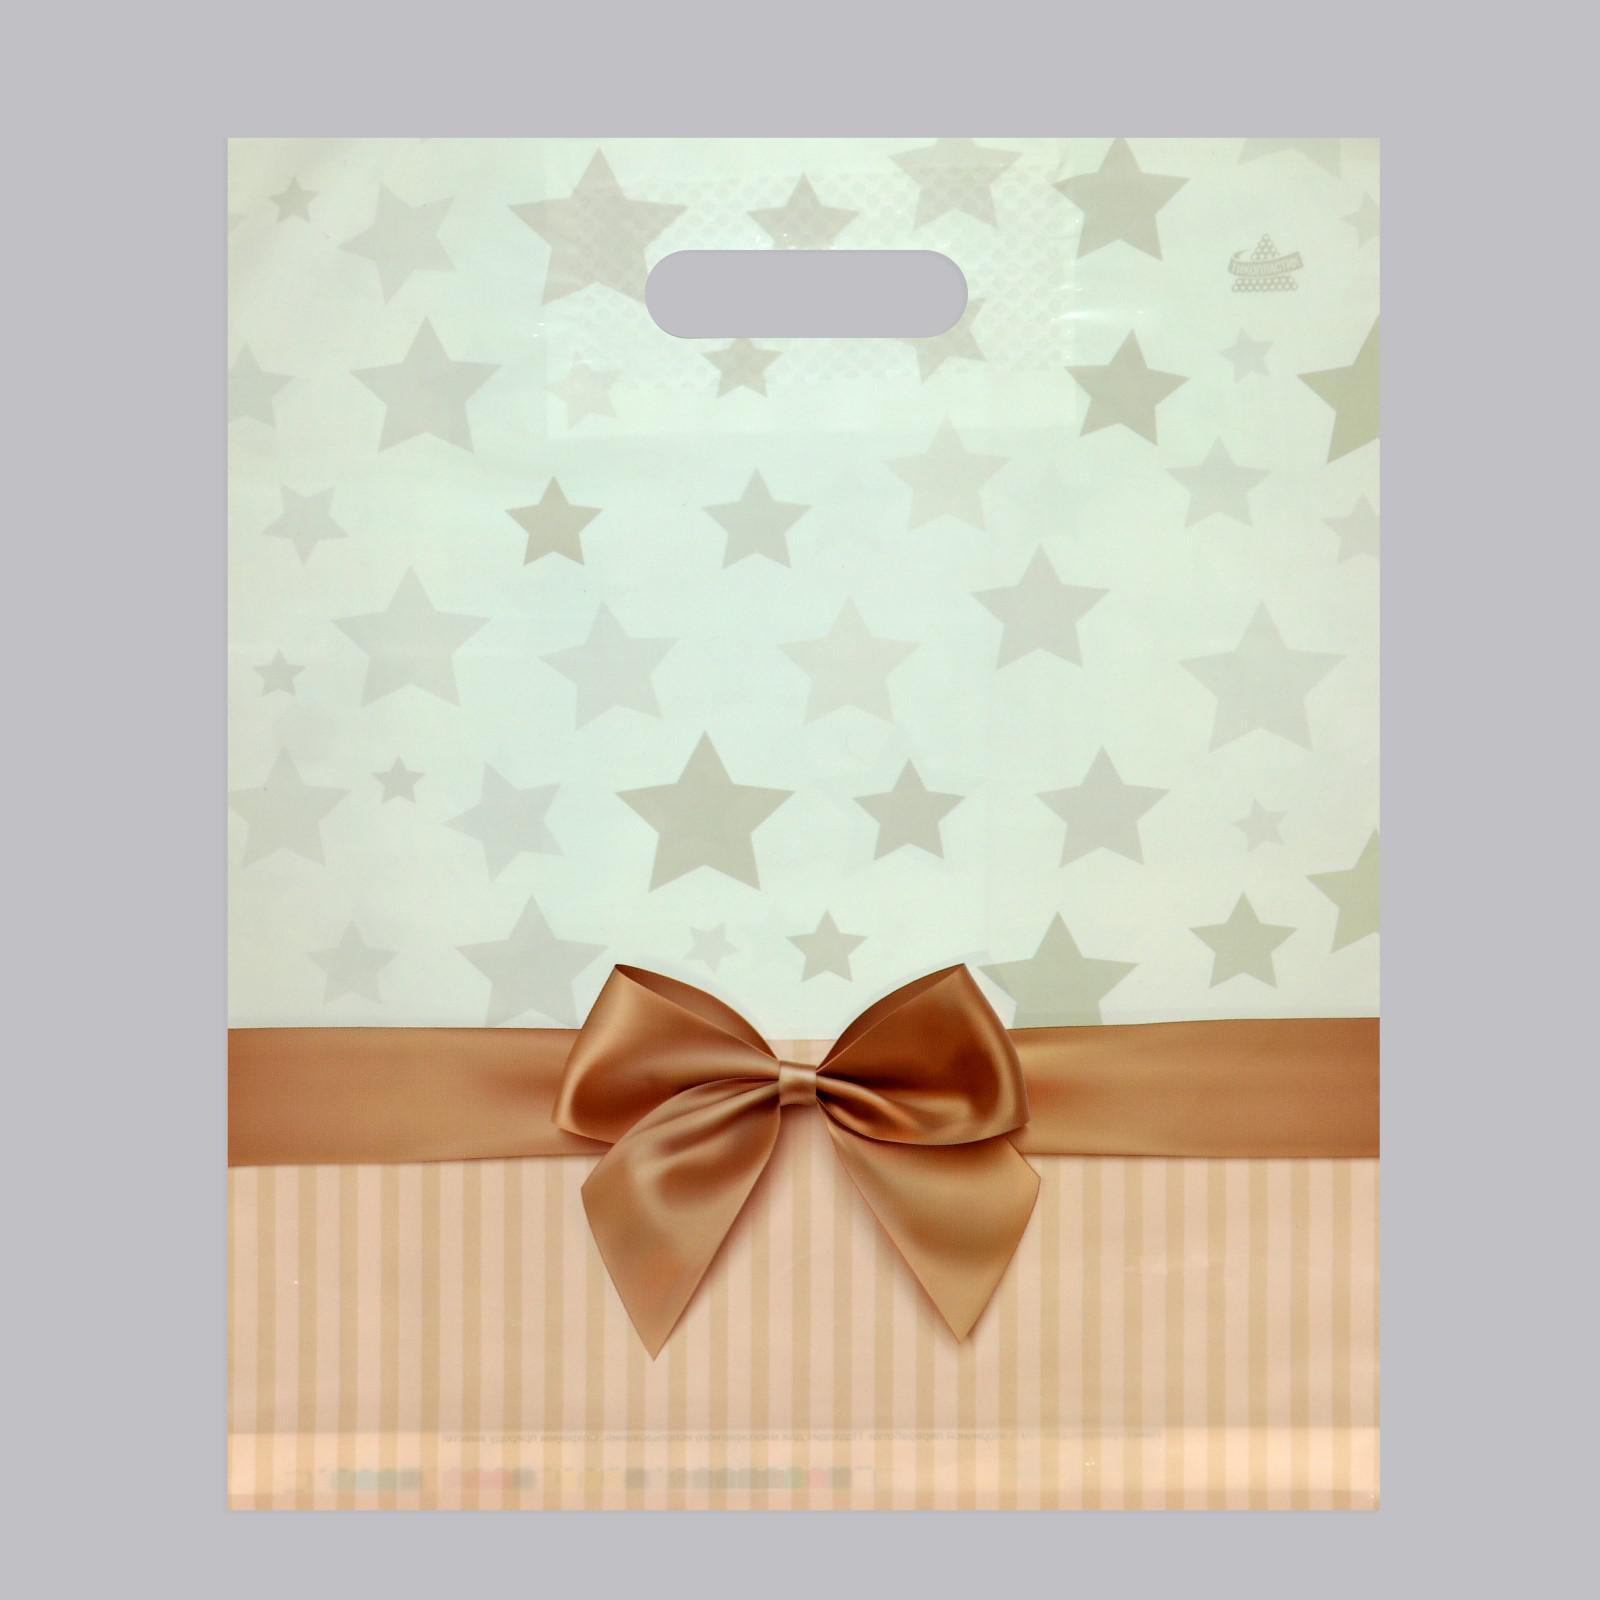 Пакет 7003289 Звезды в подарок, полиэтиленовый с вырубной ручкой, 31х40см, 60мкм